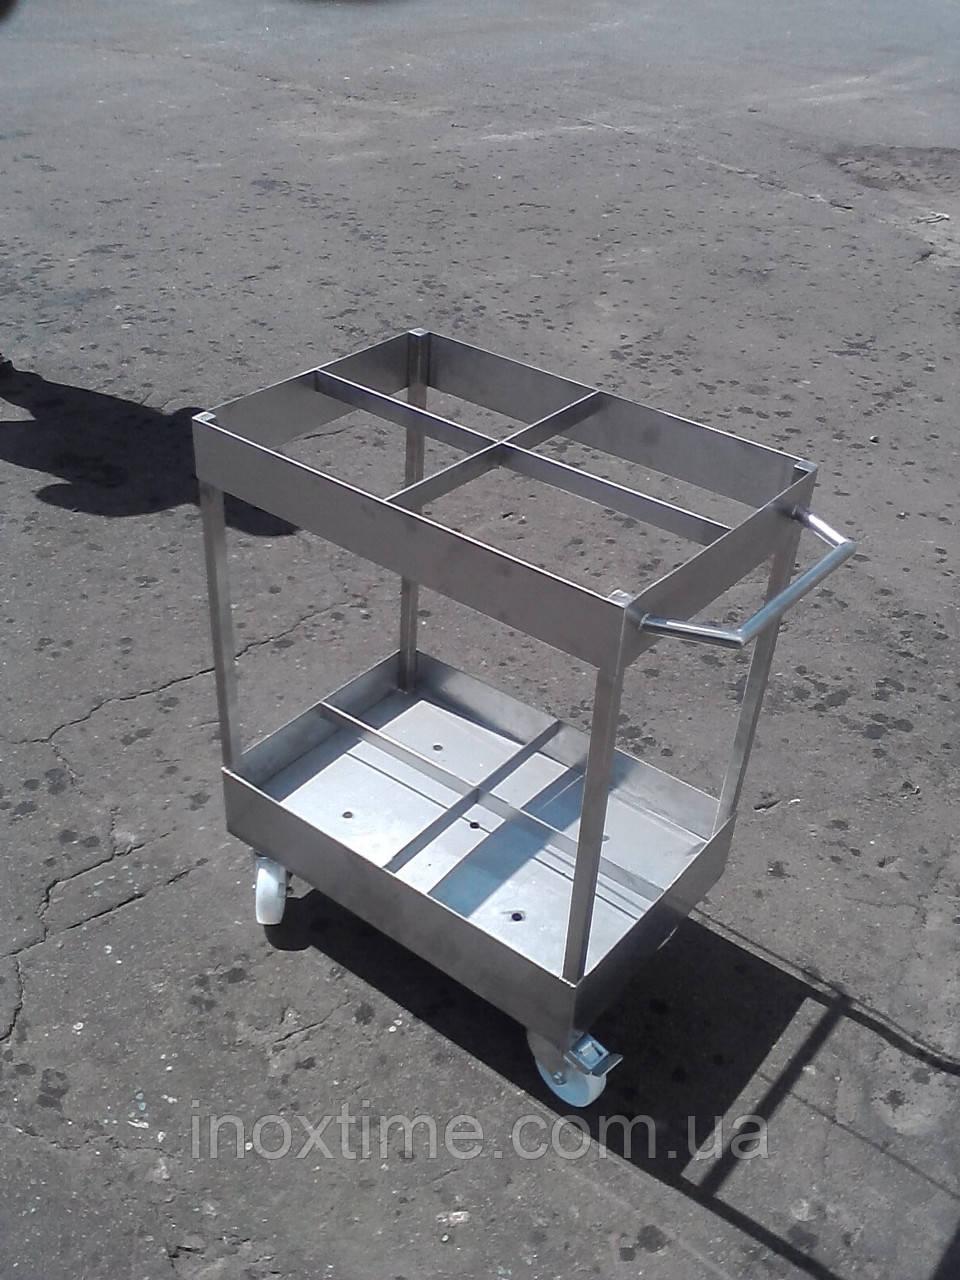 Тележка транспортировочная для коптильных палок (вешал) на 250 шт.